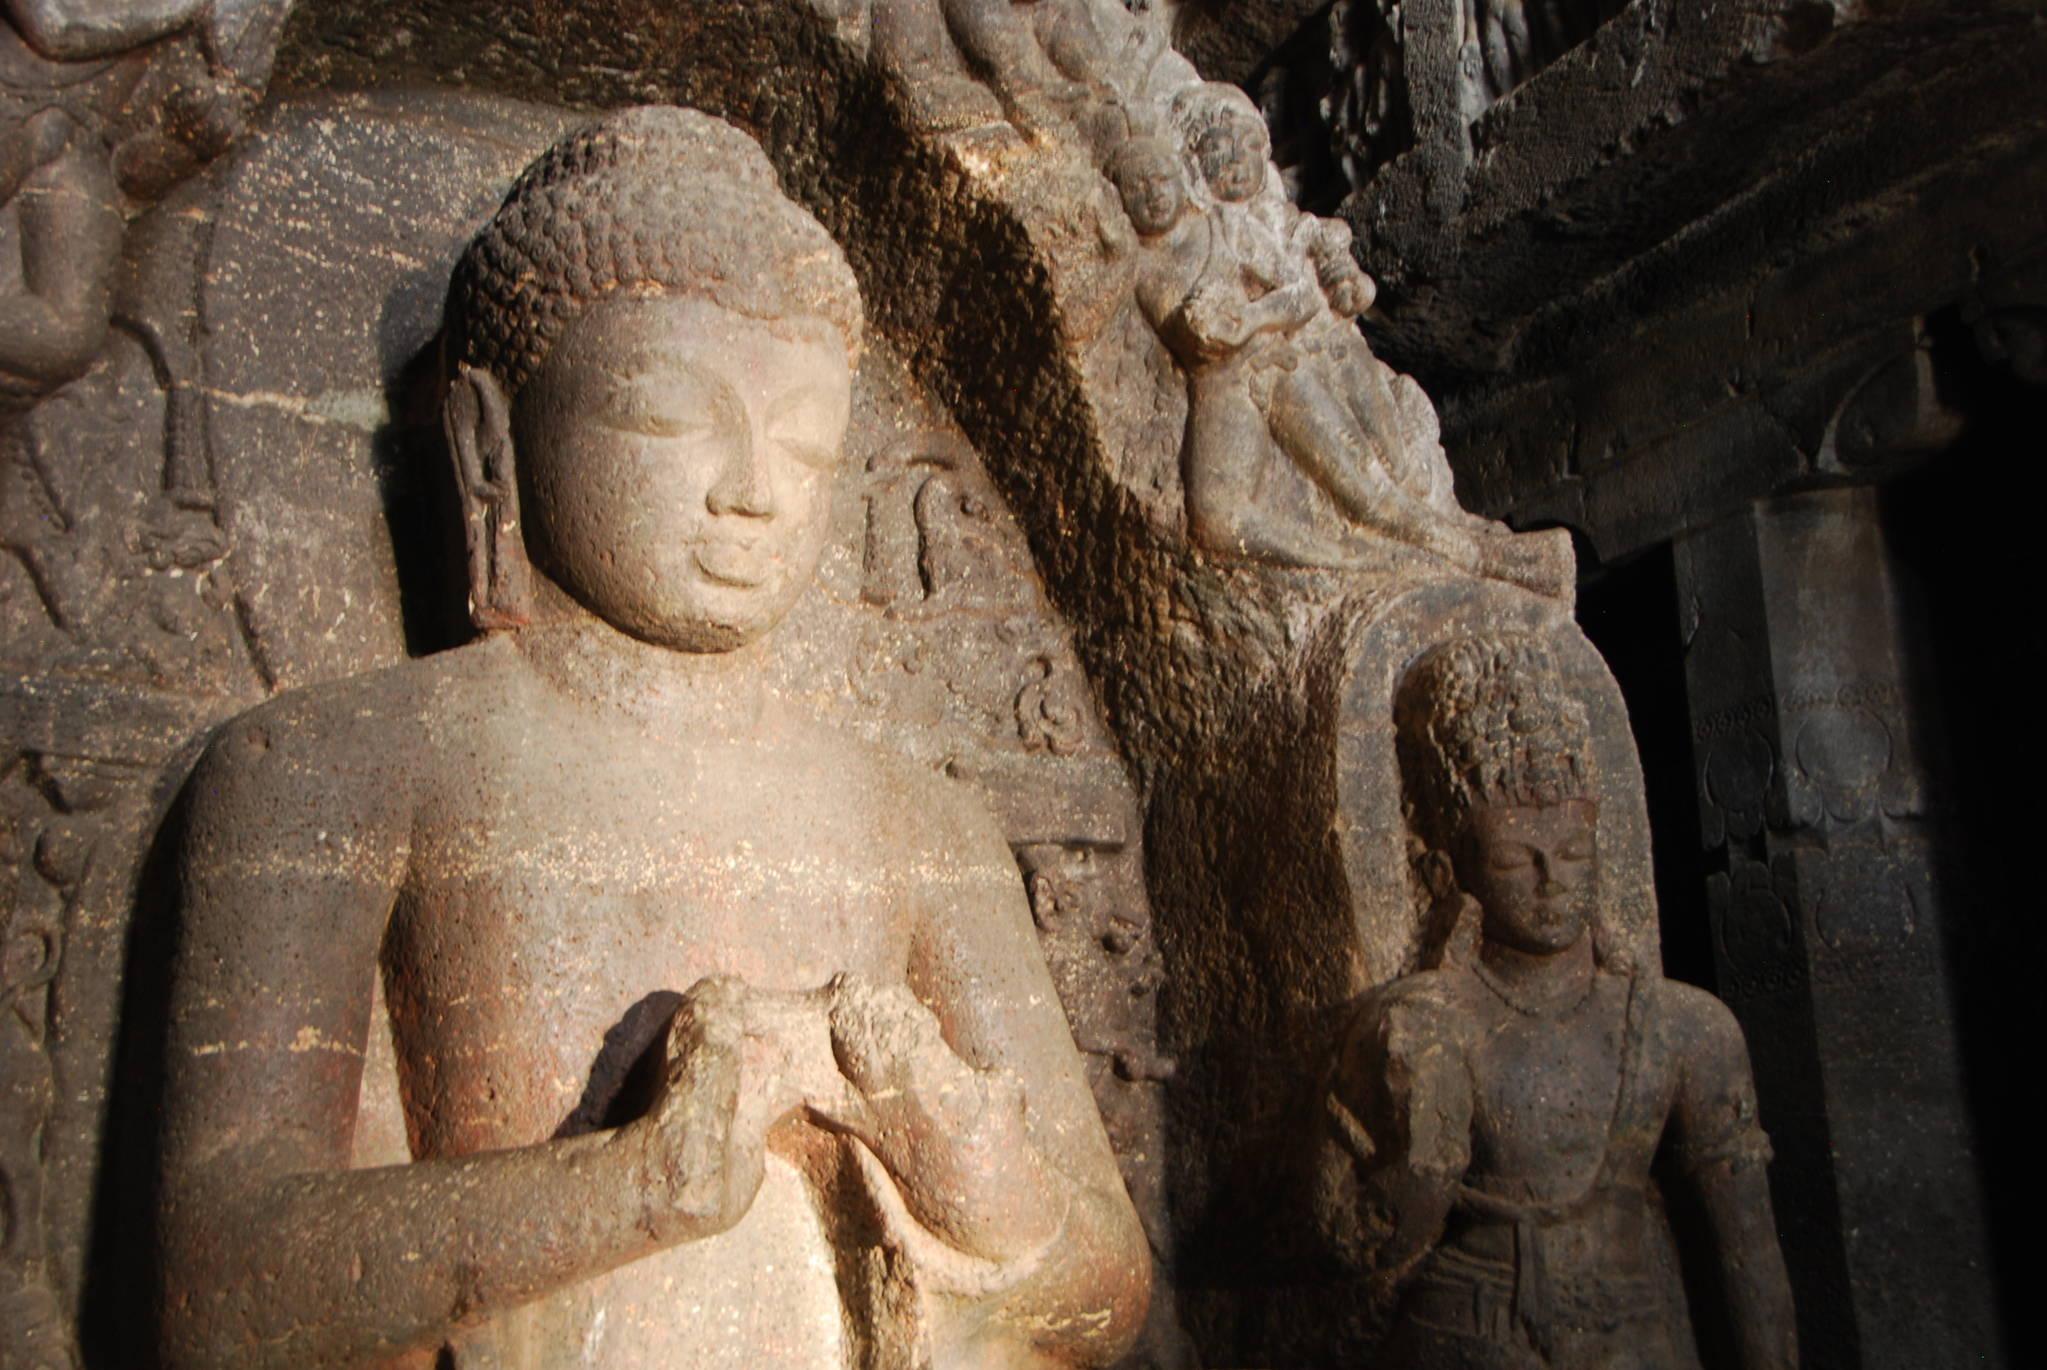 인도 엘로라 석굴에 있는 붓다의 조각상. 붓다의 얼굴에 햇볕이 들어오자 생기가 돌았다. 백성호 기자